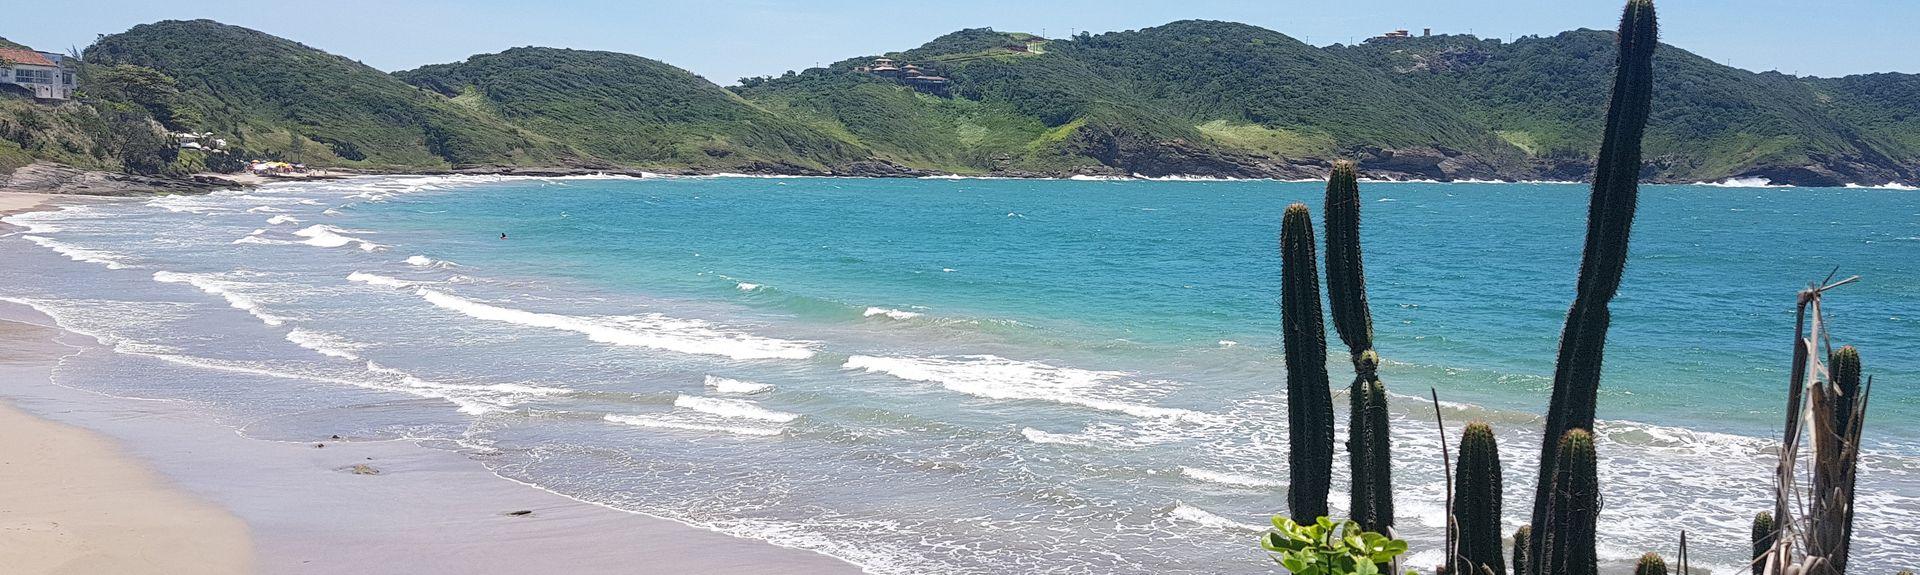 Praia do Forno, Rio de Janeiro, Brasil